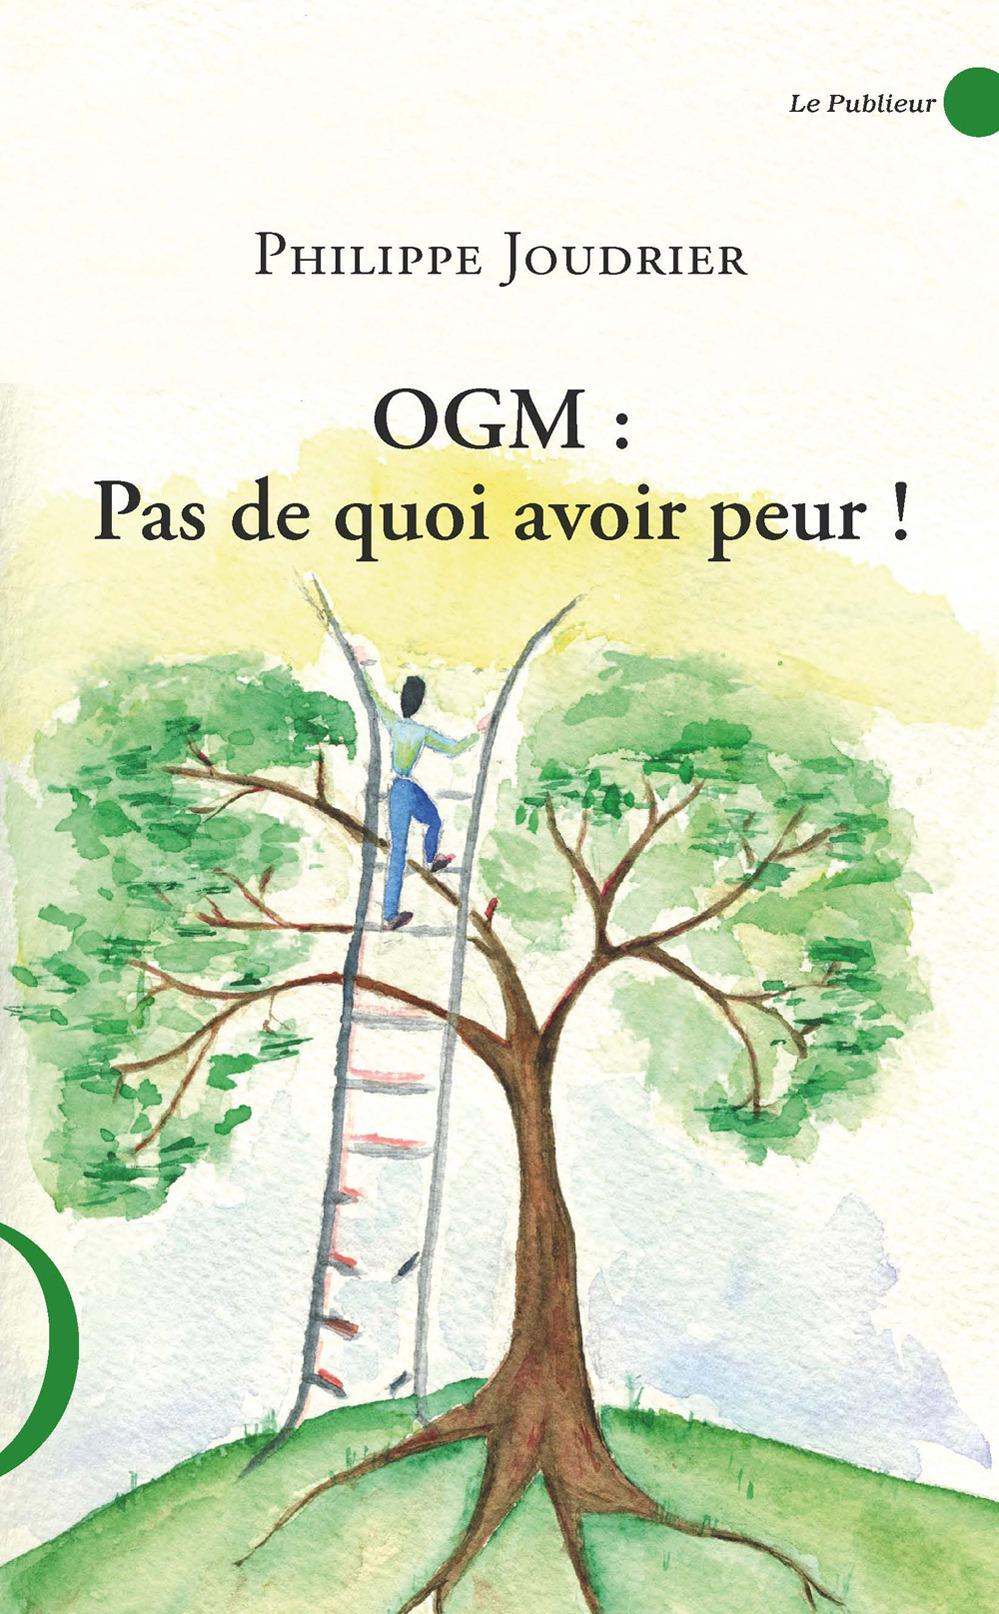 Philippe Joudrier OGM : pas de quoi avoir peur !